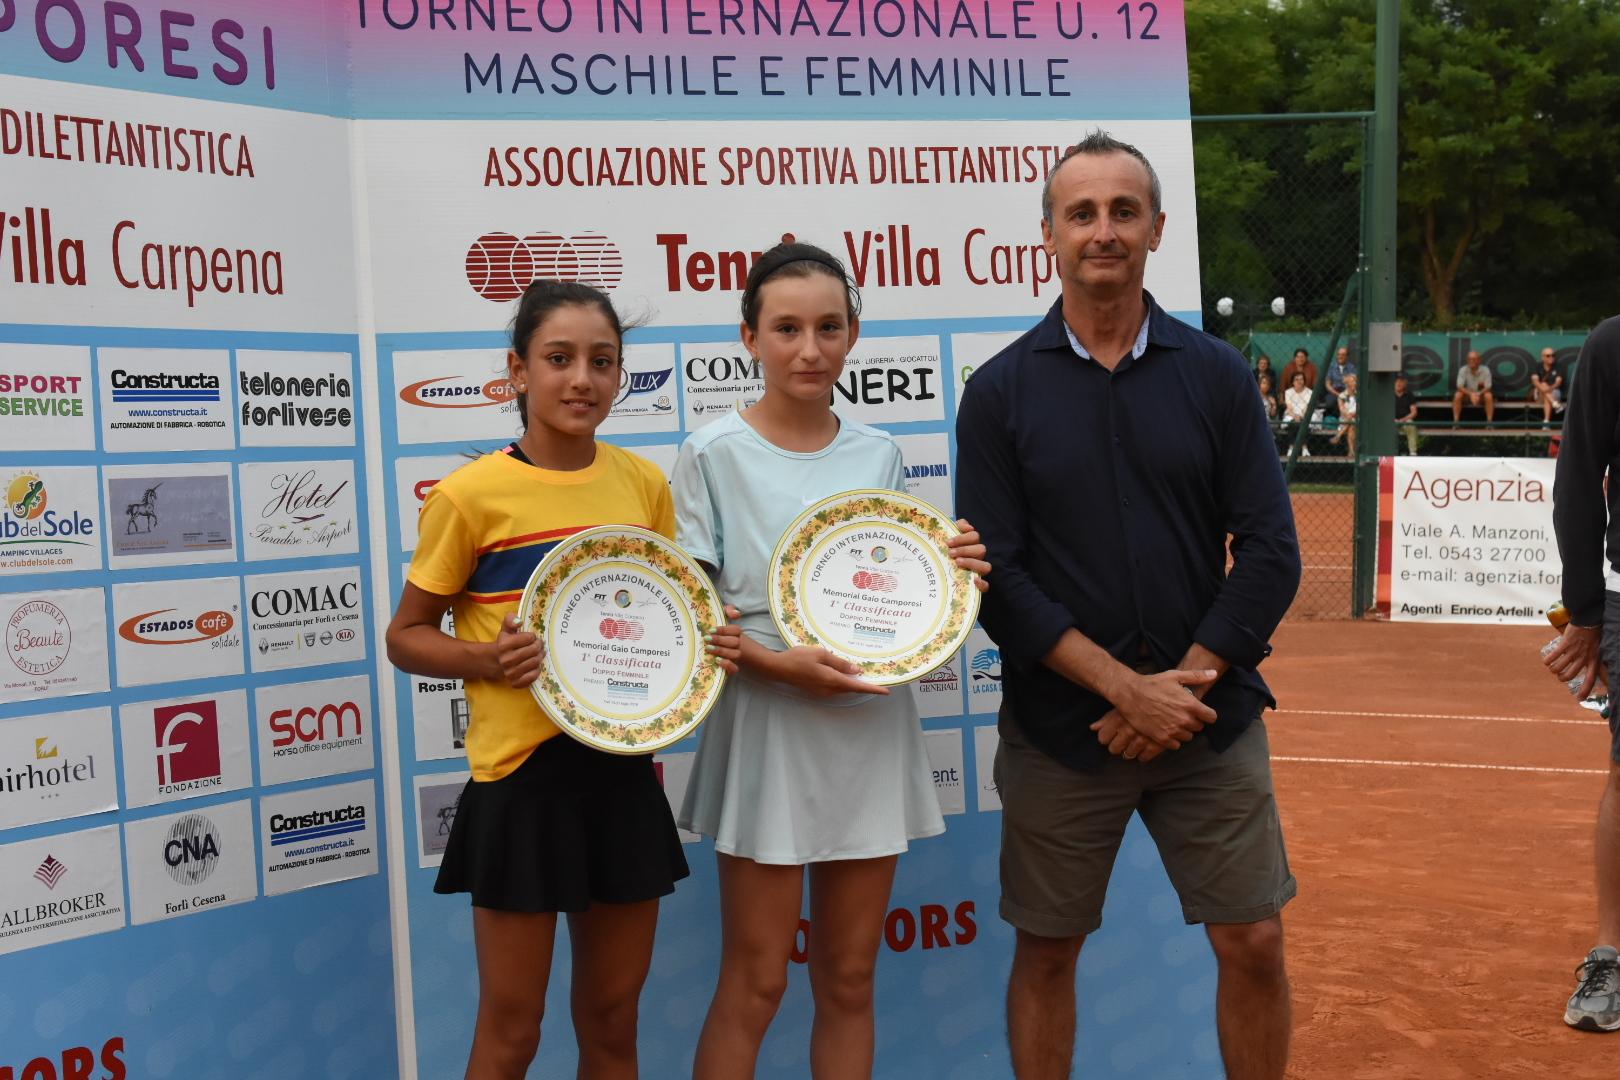 La premiazione dell'israeliana Mika Buchnik e della rumena Maria Teodora Nagy, vincitrici del doppio femminile